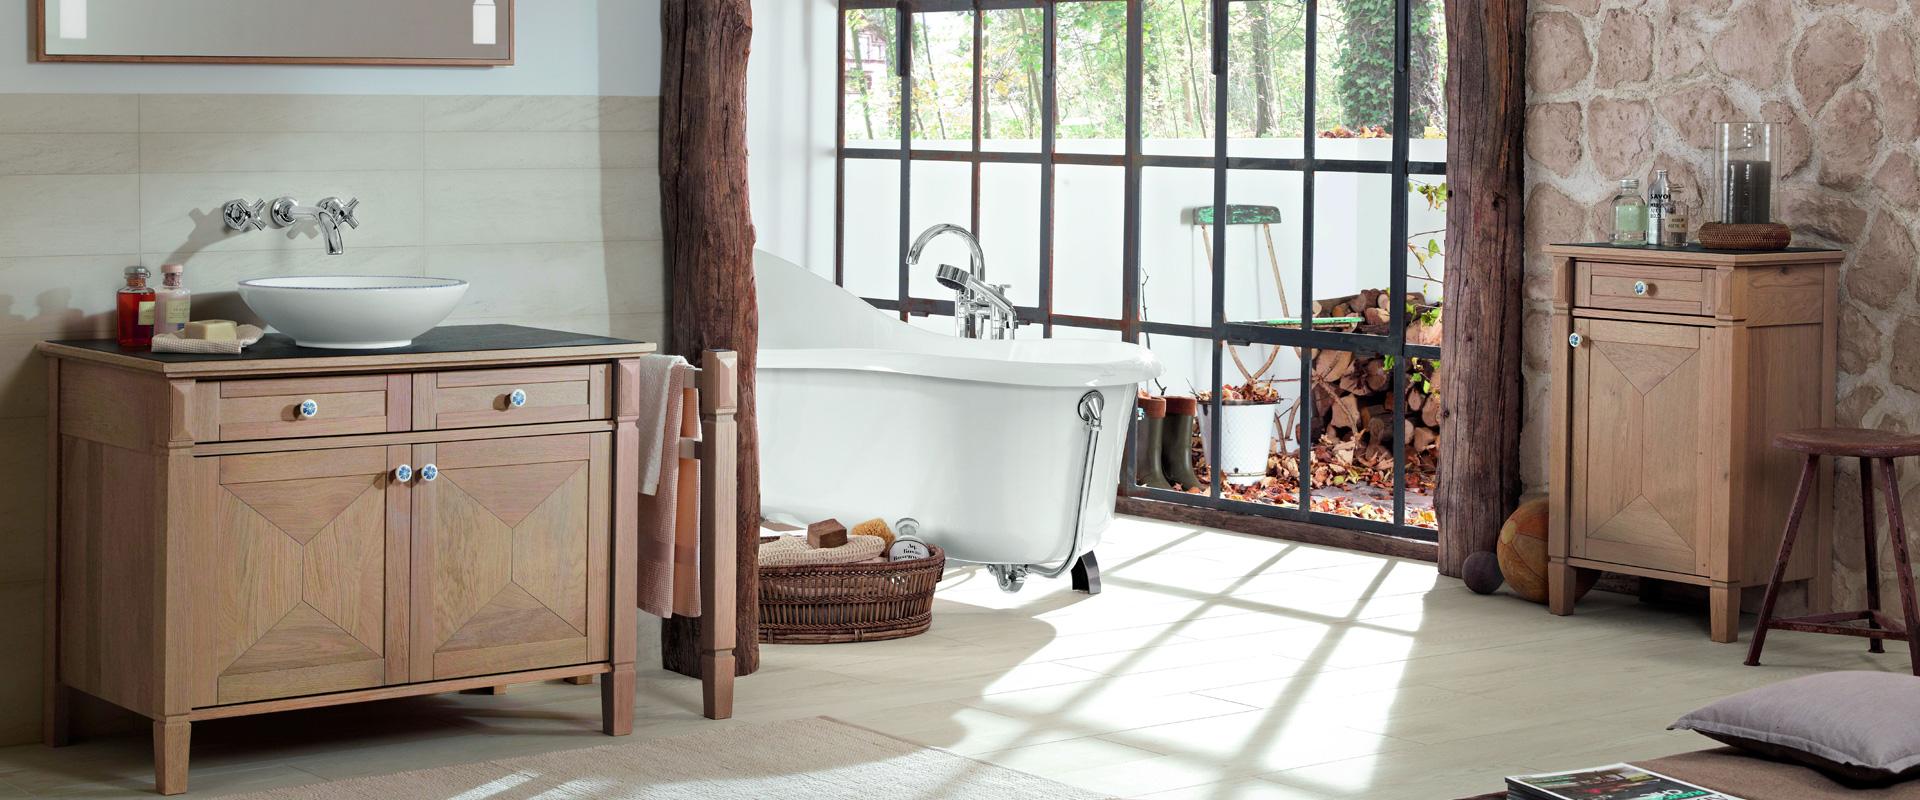 Muebles de madera para baño - Recomendaciones de cuidado